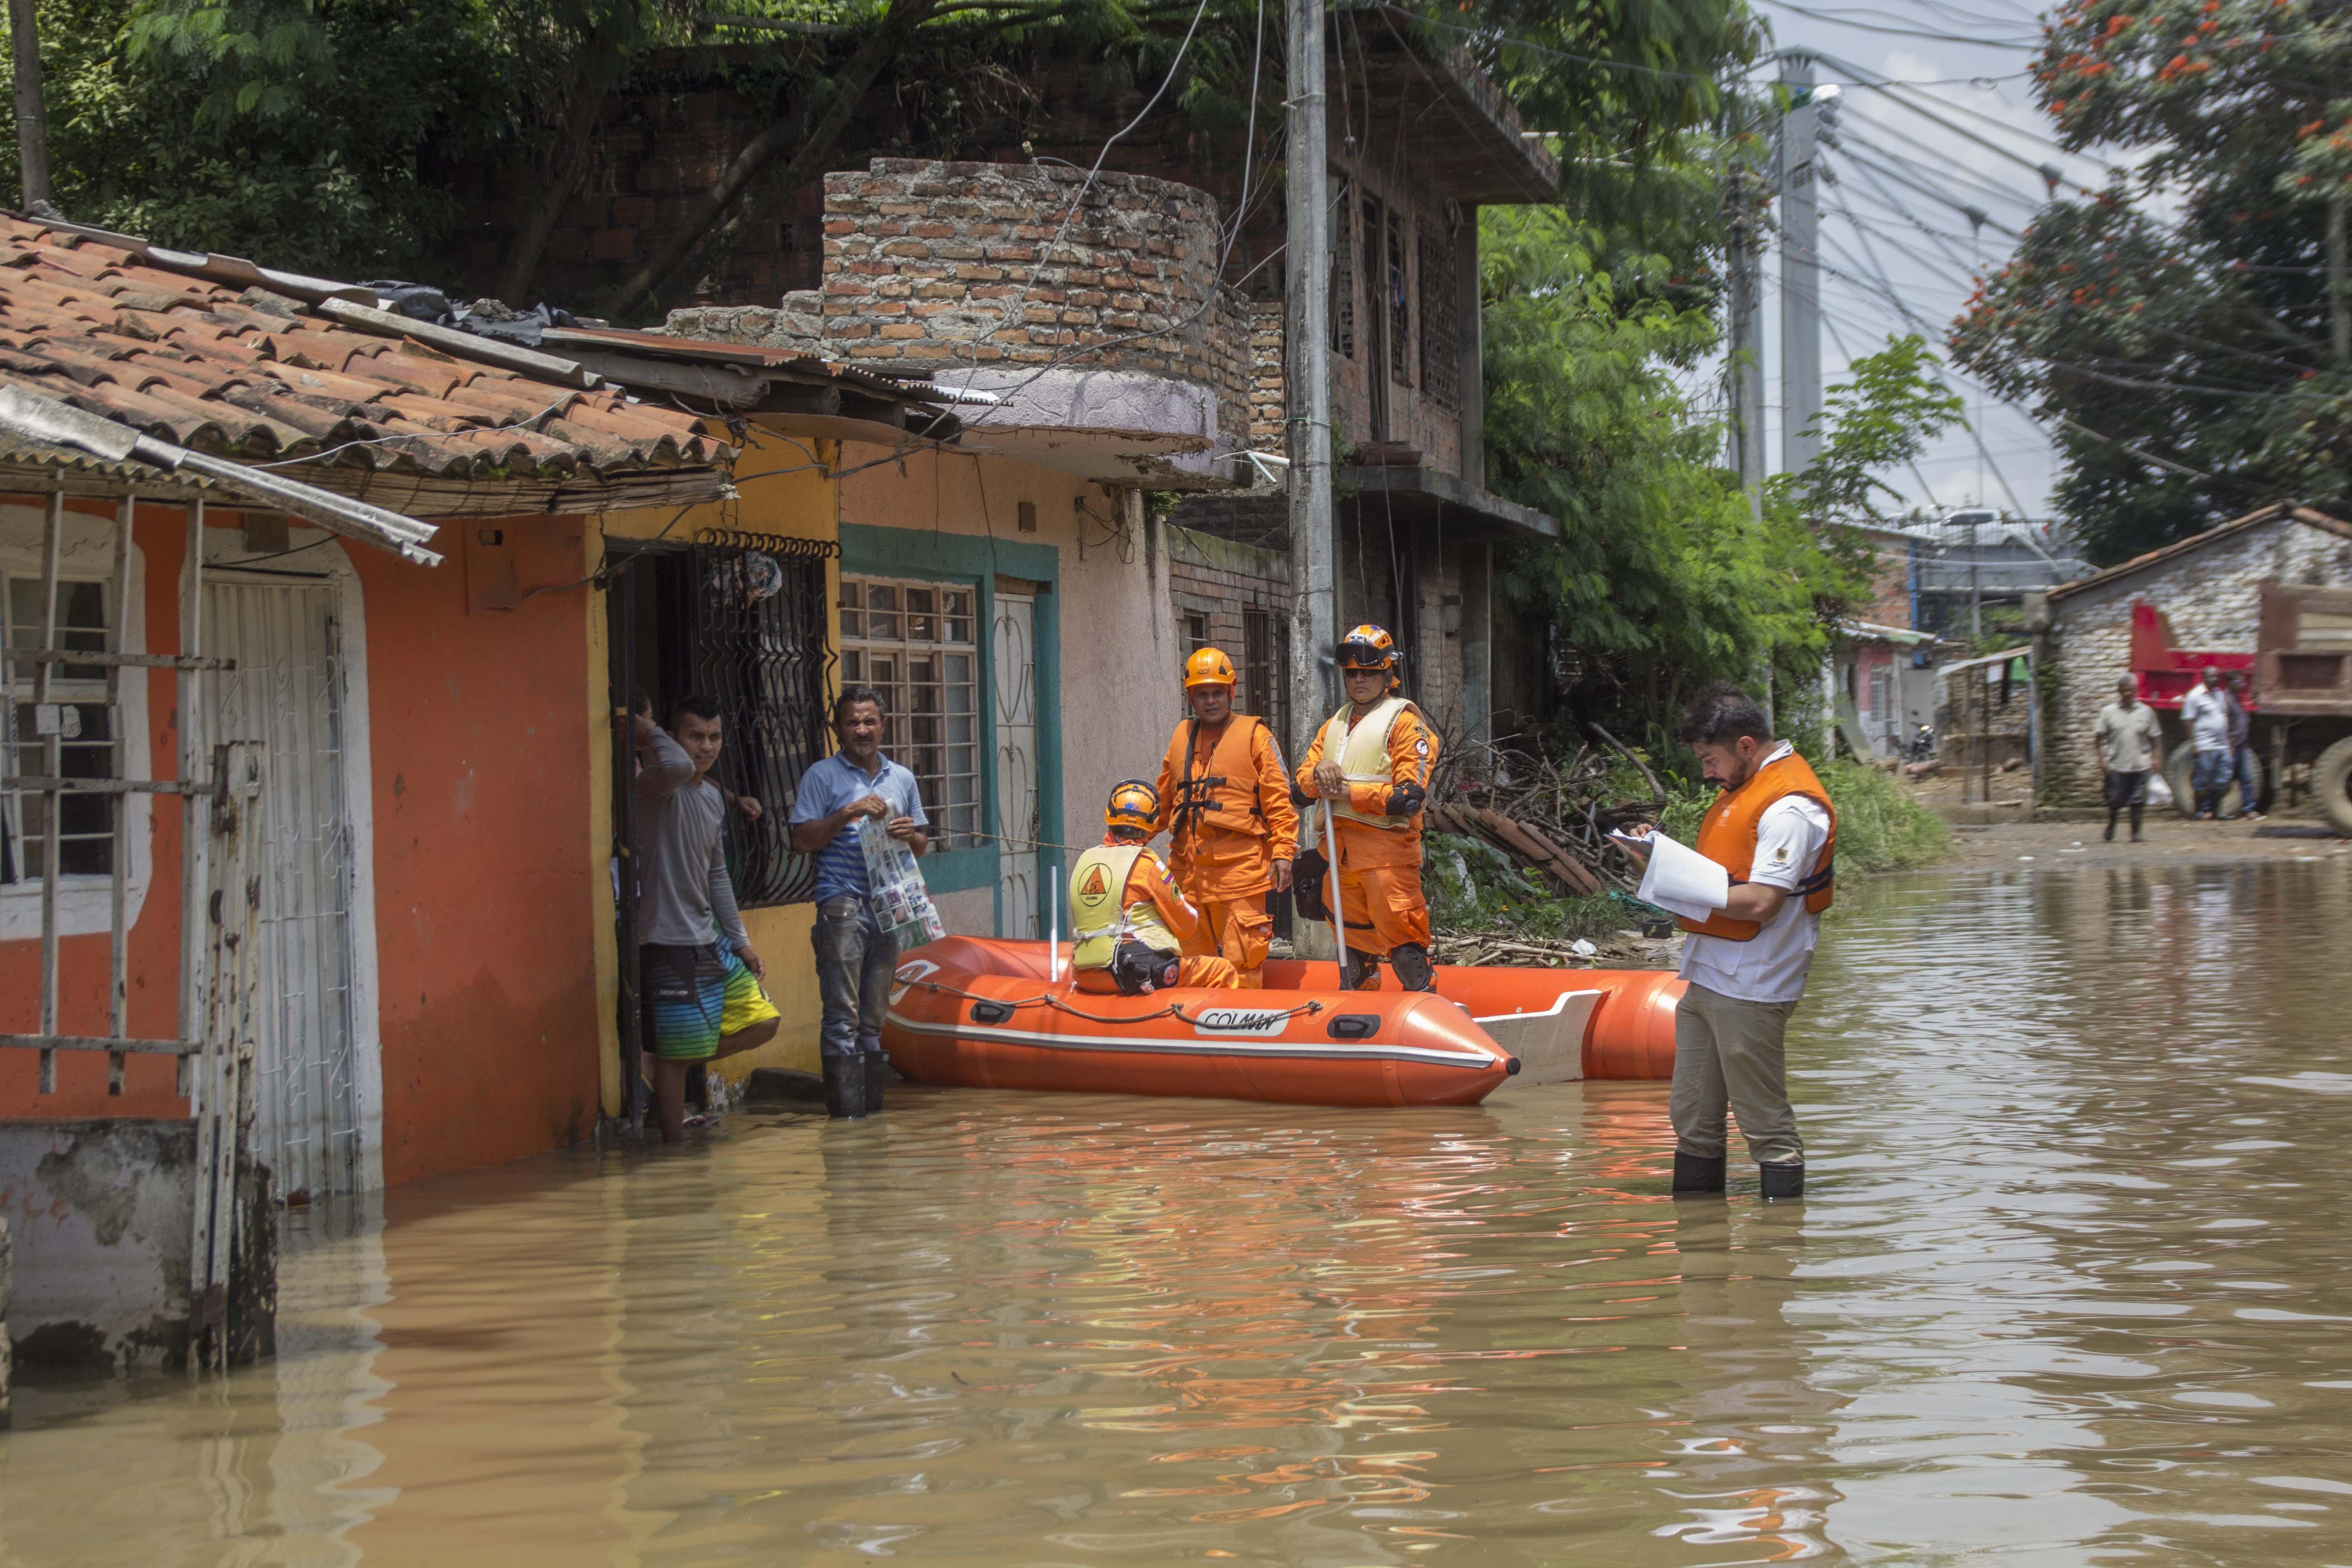 Inundacion rio cauca puerto nuevo 85